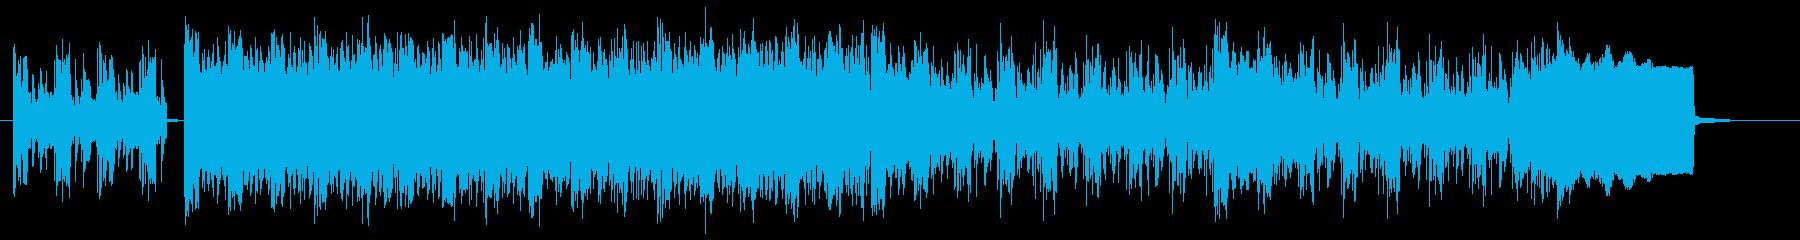 ヘビーで躍動感あるハードロックの再生済みの波形